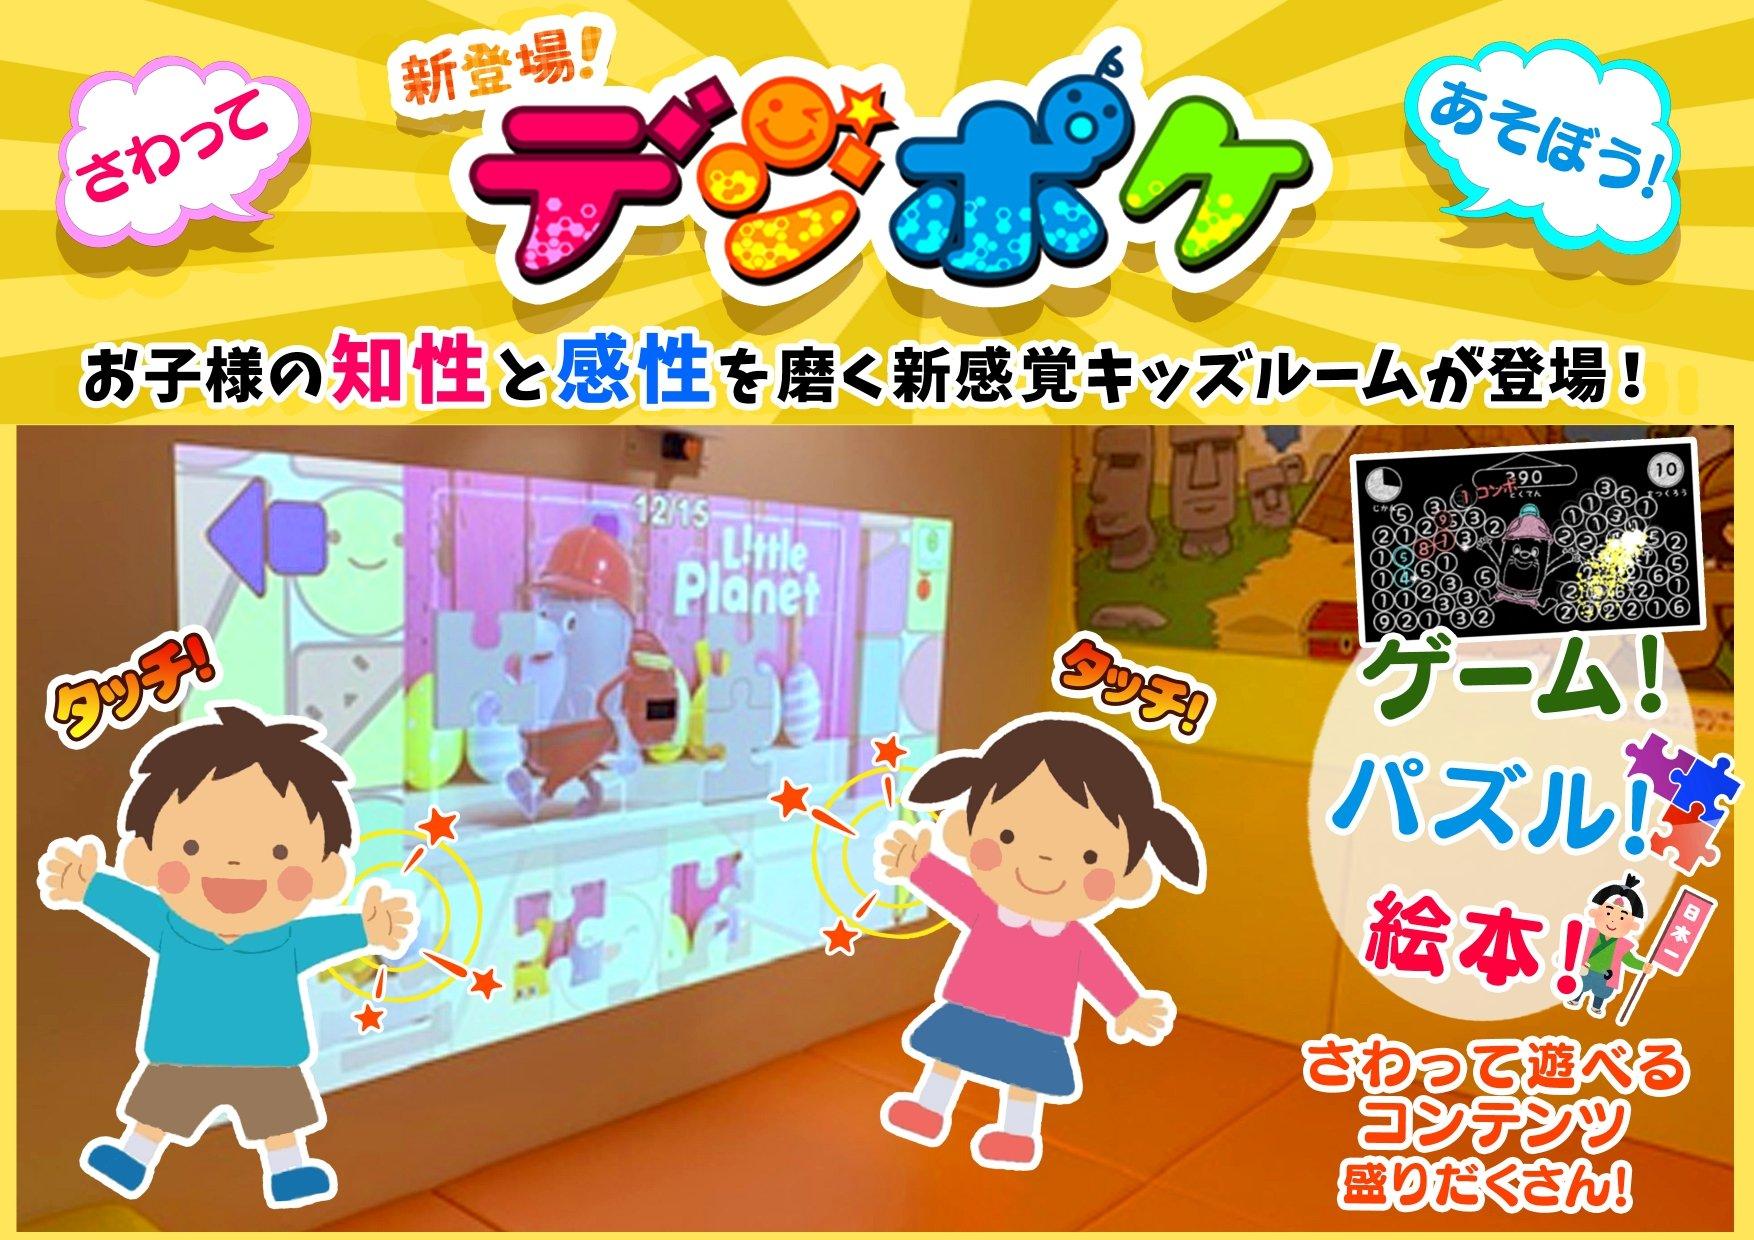 カラオケまねきねこのデジタルキッズルーム『デジポケ』のキャンペーン・フェアの詳細